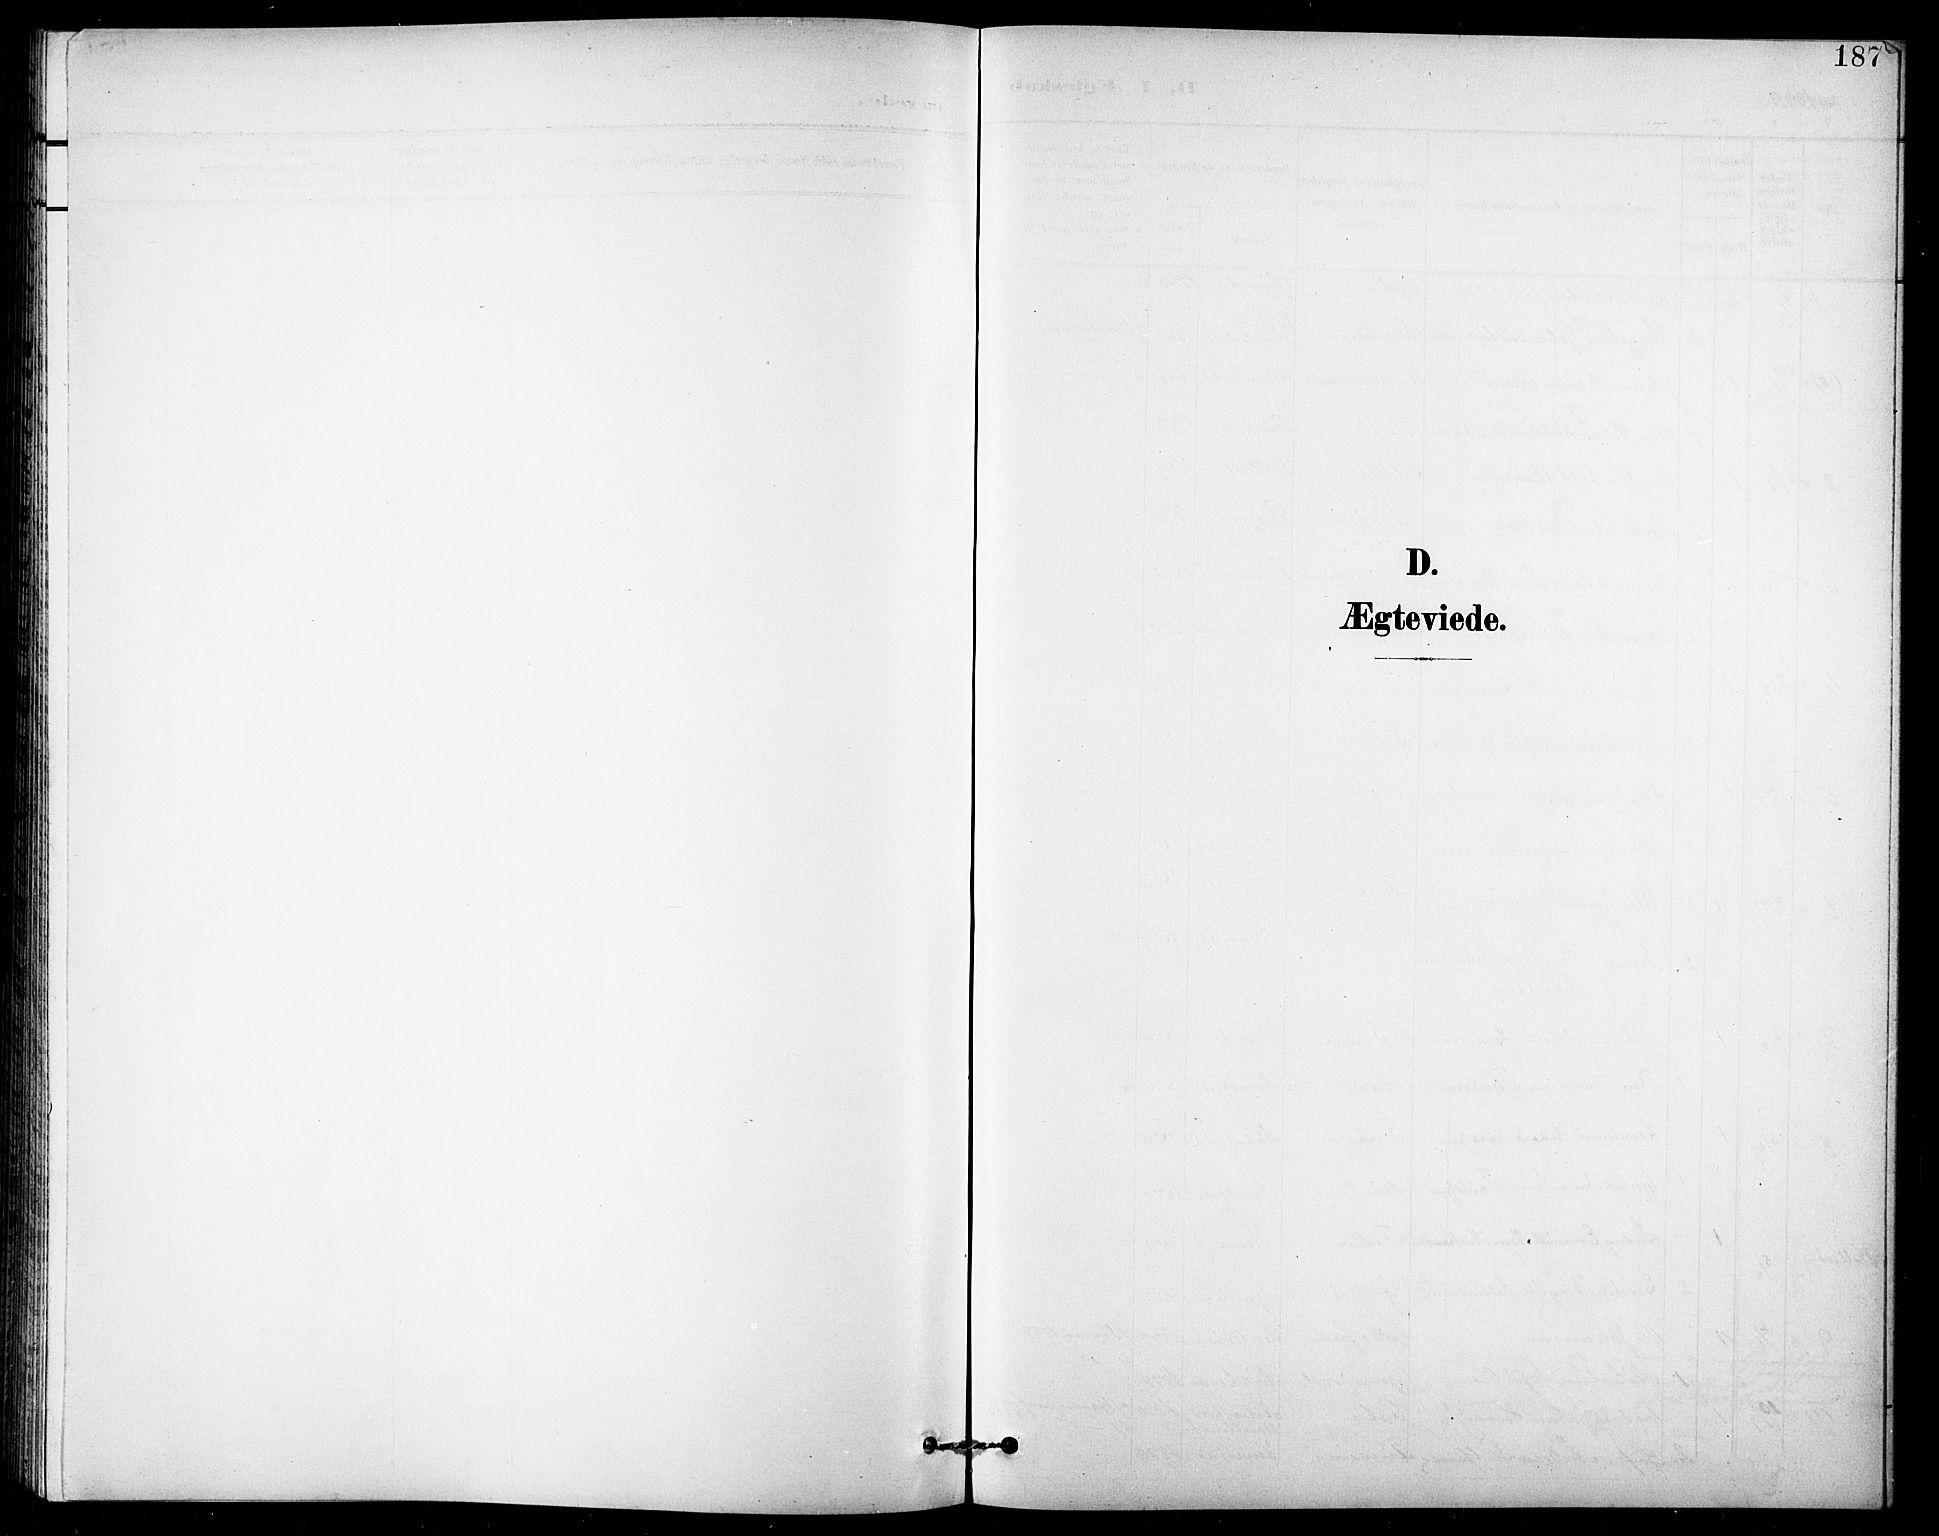 SATØ, Lenvik sokneprestembete, H/Ha: Klokkerbok nr. 8, 1899-1911, s. 187